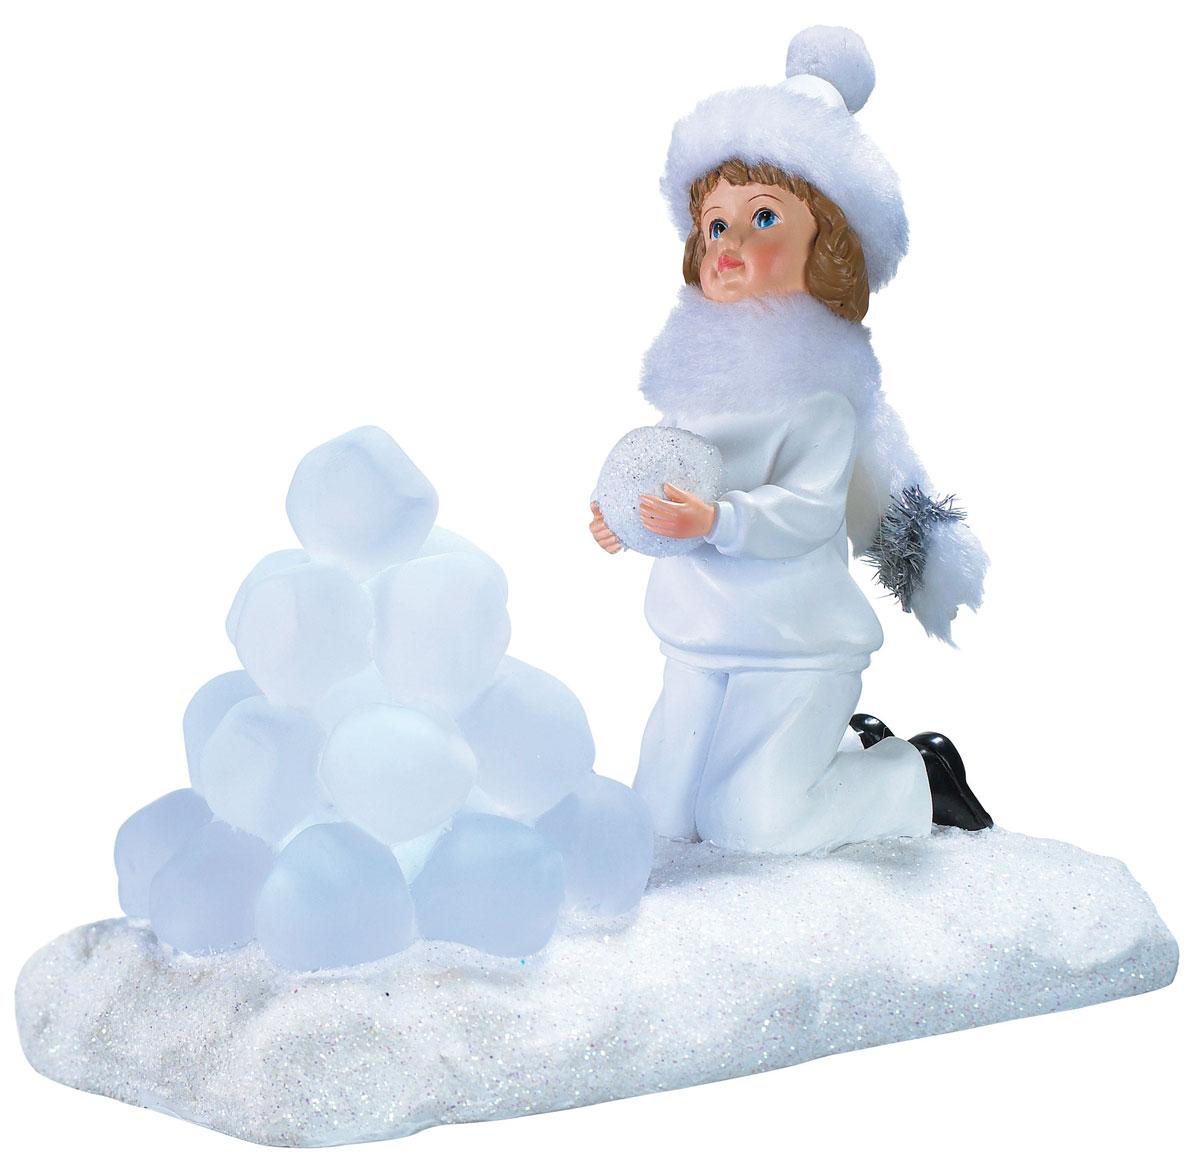 Новогодняя декоративная фигурка Девочка со снежками, с подсветкойLED5-GX53/845/GX53Новогодняя декоративная фигурка выполнена из акрила и пластика в виде девочки со снежками на подставке, украшенной белыми блестками. Шапочка и шарф у девочки выполнены из искусственного меха белого цвета. Изделие оснащено светодиодами. Свечение холодного белого цвета создаст атмосферу волшебства и праздника в вашем доме. Работает от батареек и от сети 220В. Адаптер входит в комплект.